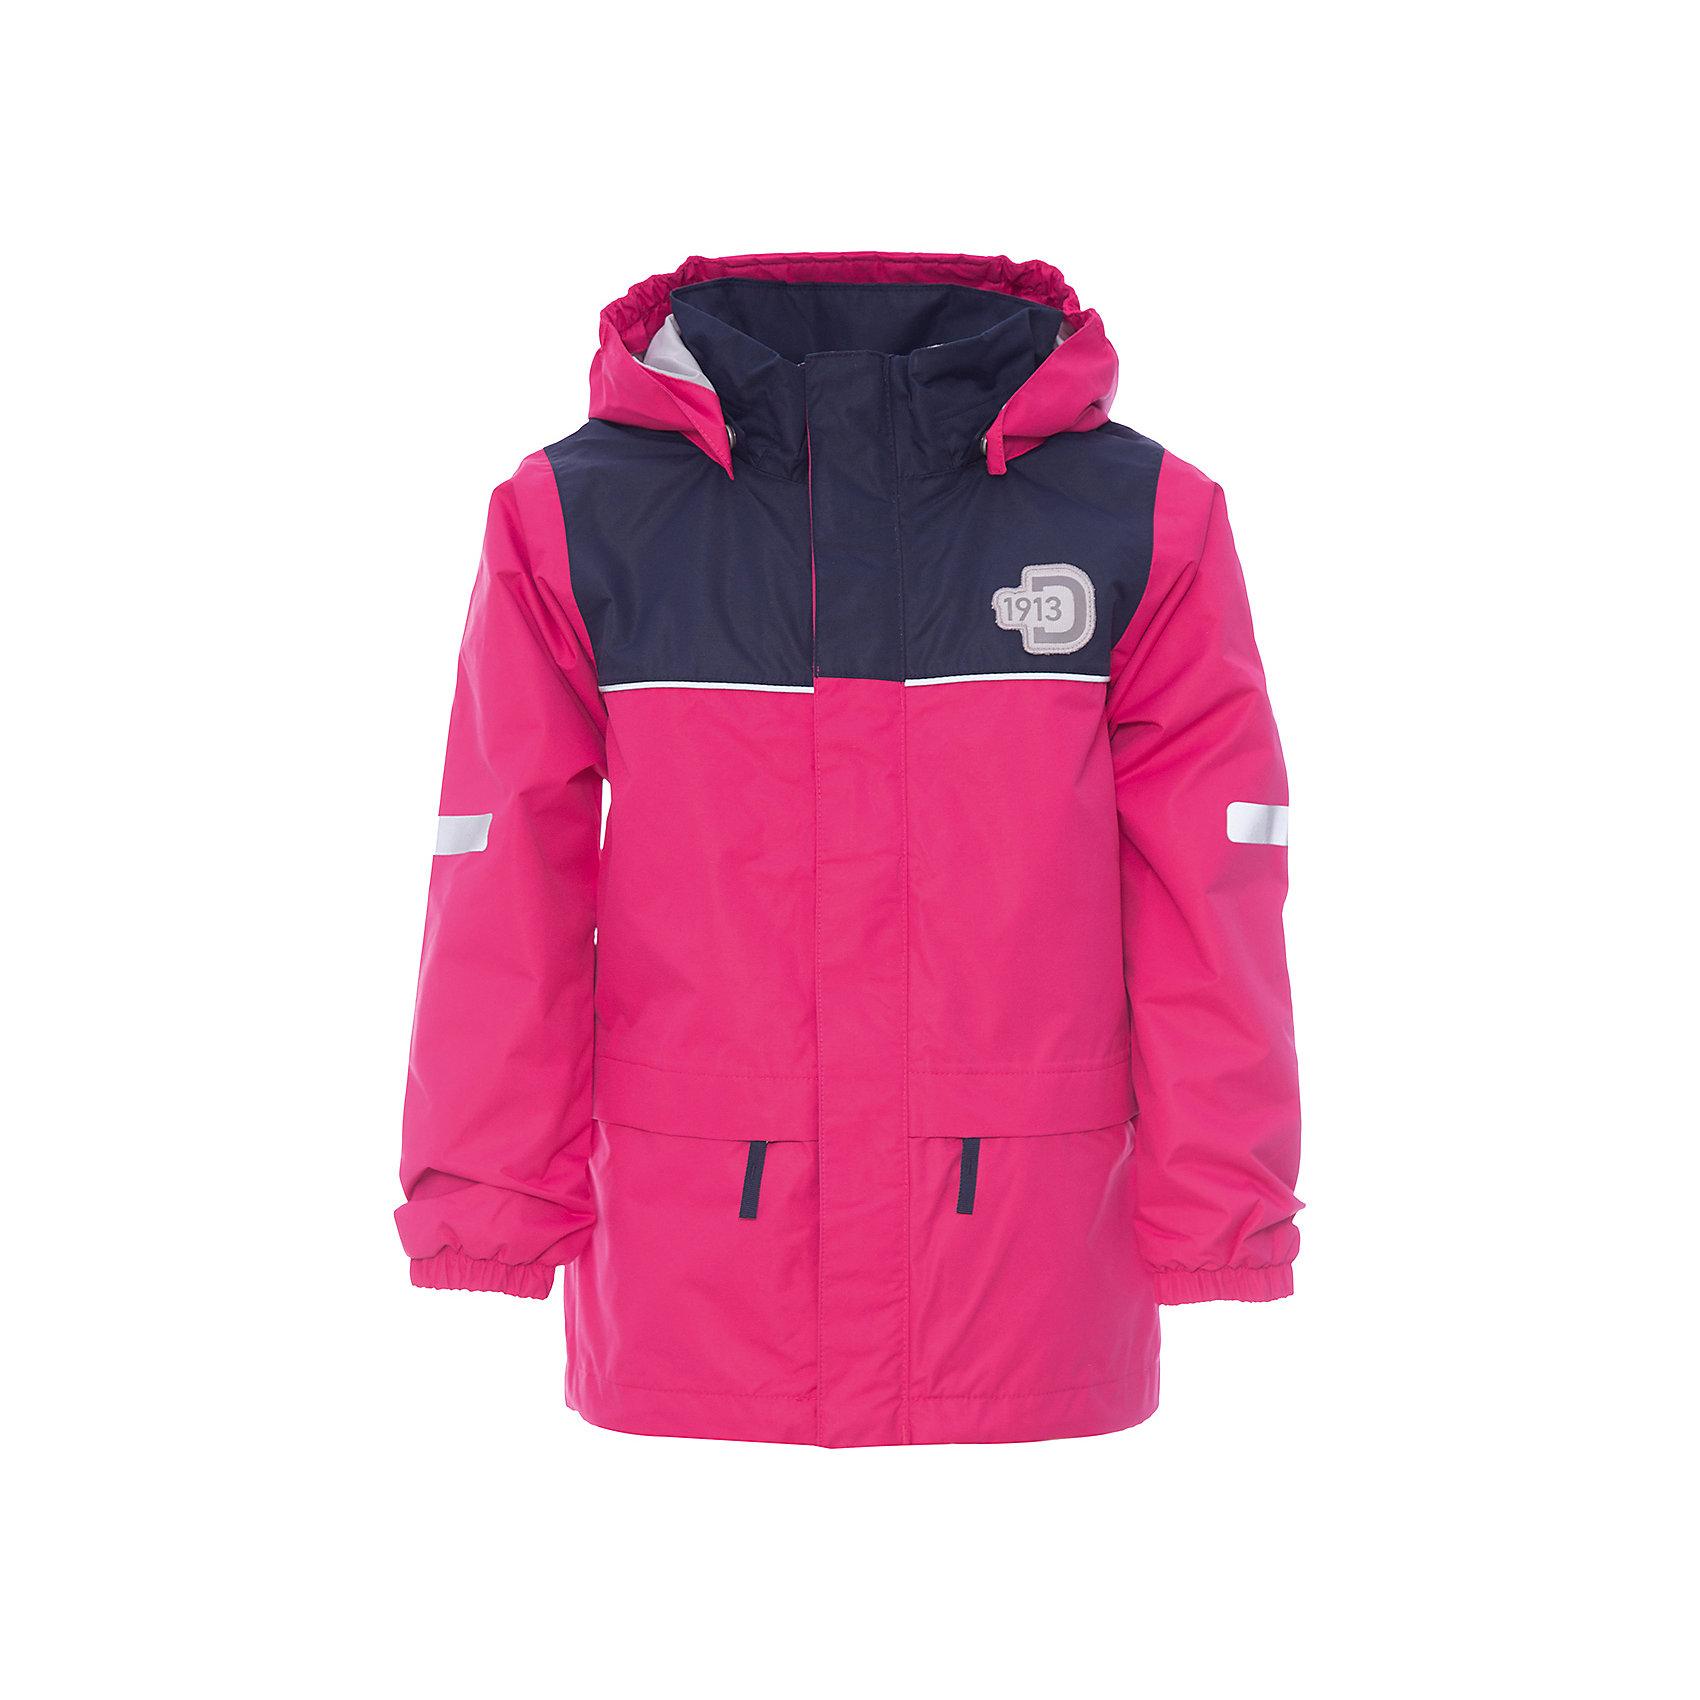 Куртка JEZERI для девочки DIDRIKSONSВерхняя одежда<br>Куртка из непромокаемой и непродуваемой мембранной ткани. Все швы проклеены, что обеспечивает максимальную защиту от внешней влаги. Подкладка из полиэстера. Съемный регулируемый капюшон. Рукава -  на резинке. Светоотражатели. Модель растет вместе с ребенком: уникальный крой изделия позволяет при необходимости увеличить длину рукавов на один размер, распустив специальный внутренний шов. Практичная демисезонная куртка - идеальный вариант для прогулок на свежем воздухе в весеннюю или осеннюю пору. <br>Состав:<br>Верх - 100% полиэстер, подкладка - 100% полиэстер<br><br>Ширина мм: 356<br>Глубина мм: 10<br>Высота мм: 245<br>Вес г: 519<br>Цвет: розовый<br>Возраст от месяцев: 60<br>Возраст до месяцев: 72<br>Пол: Женский<br>Возраст: Детский<br>Размер: 120,110,140,90,100,80,130<br>SKU: 5527221